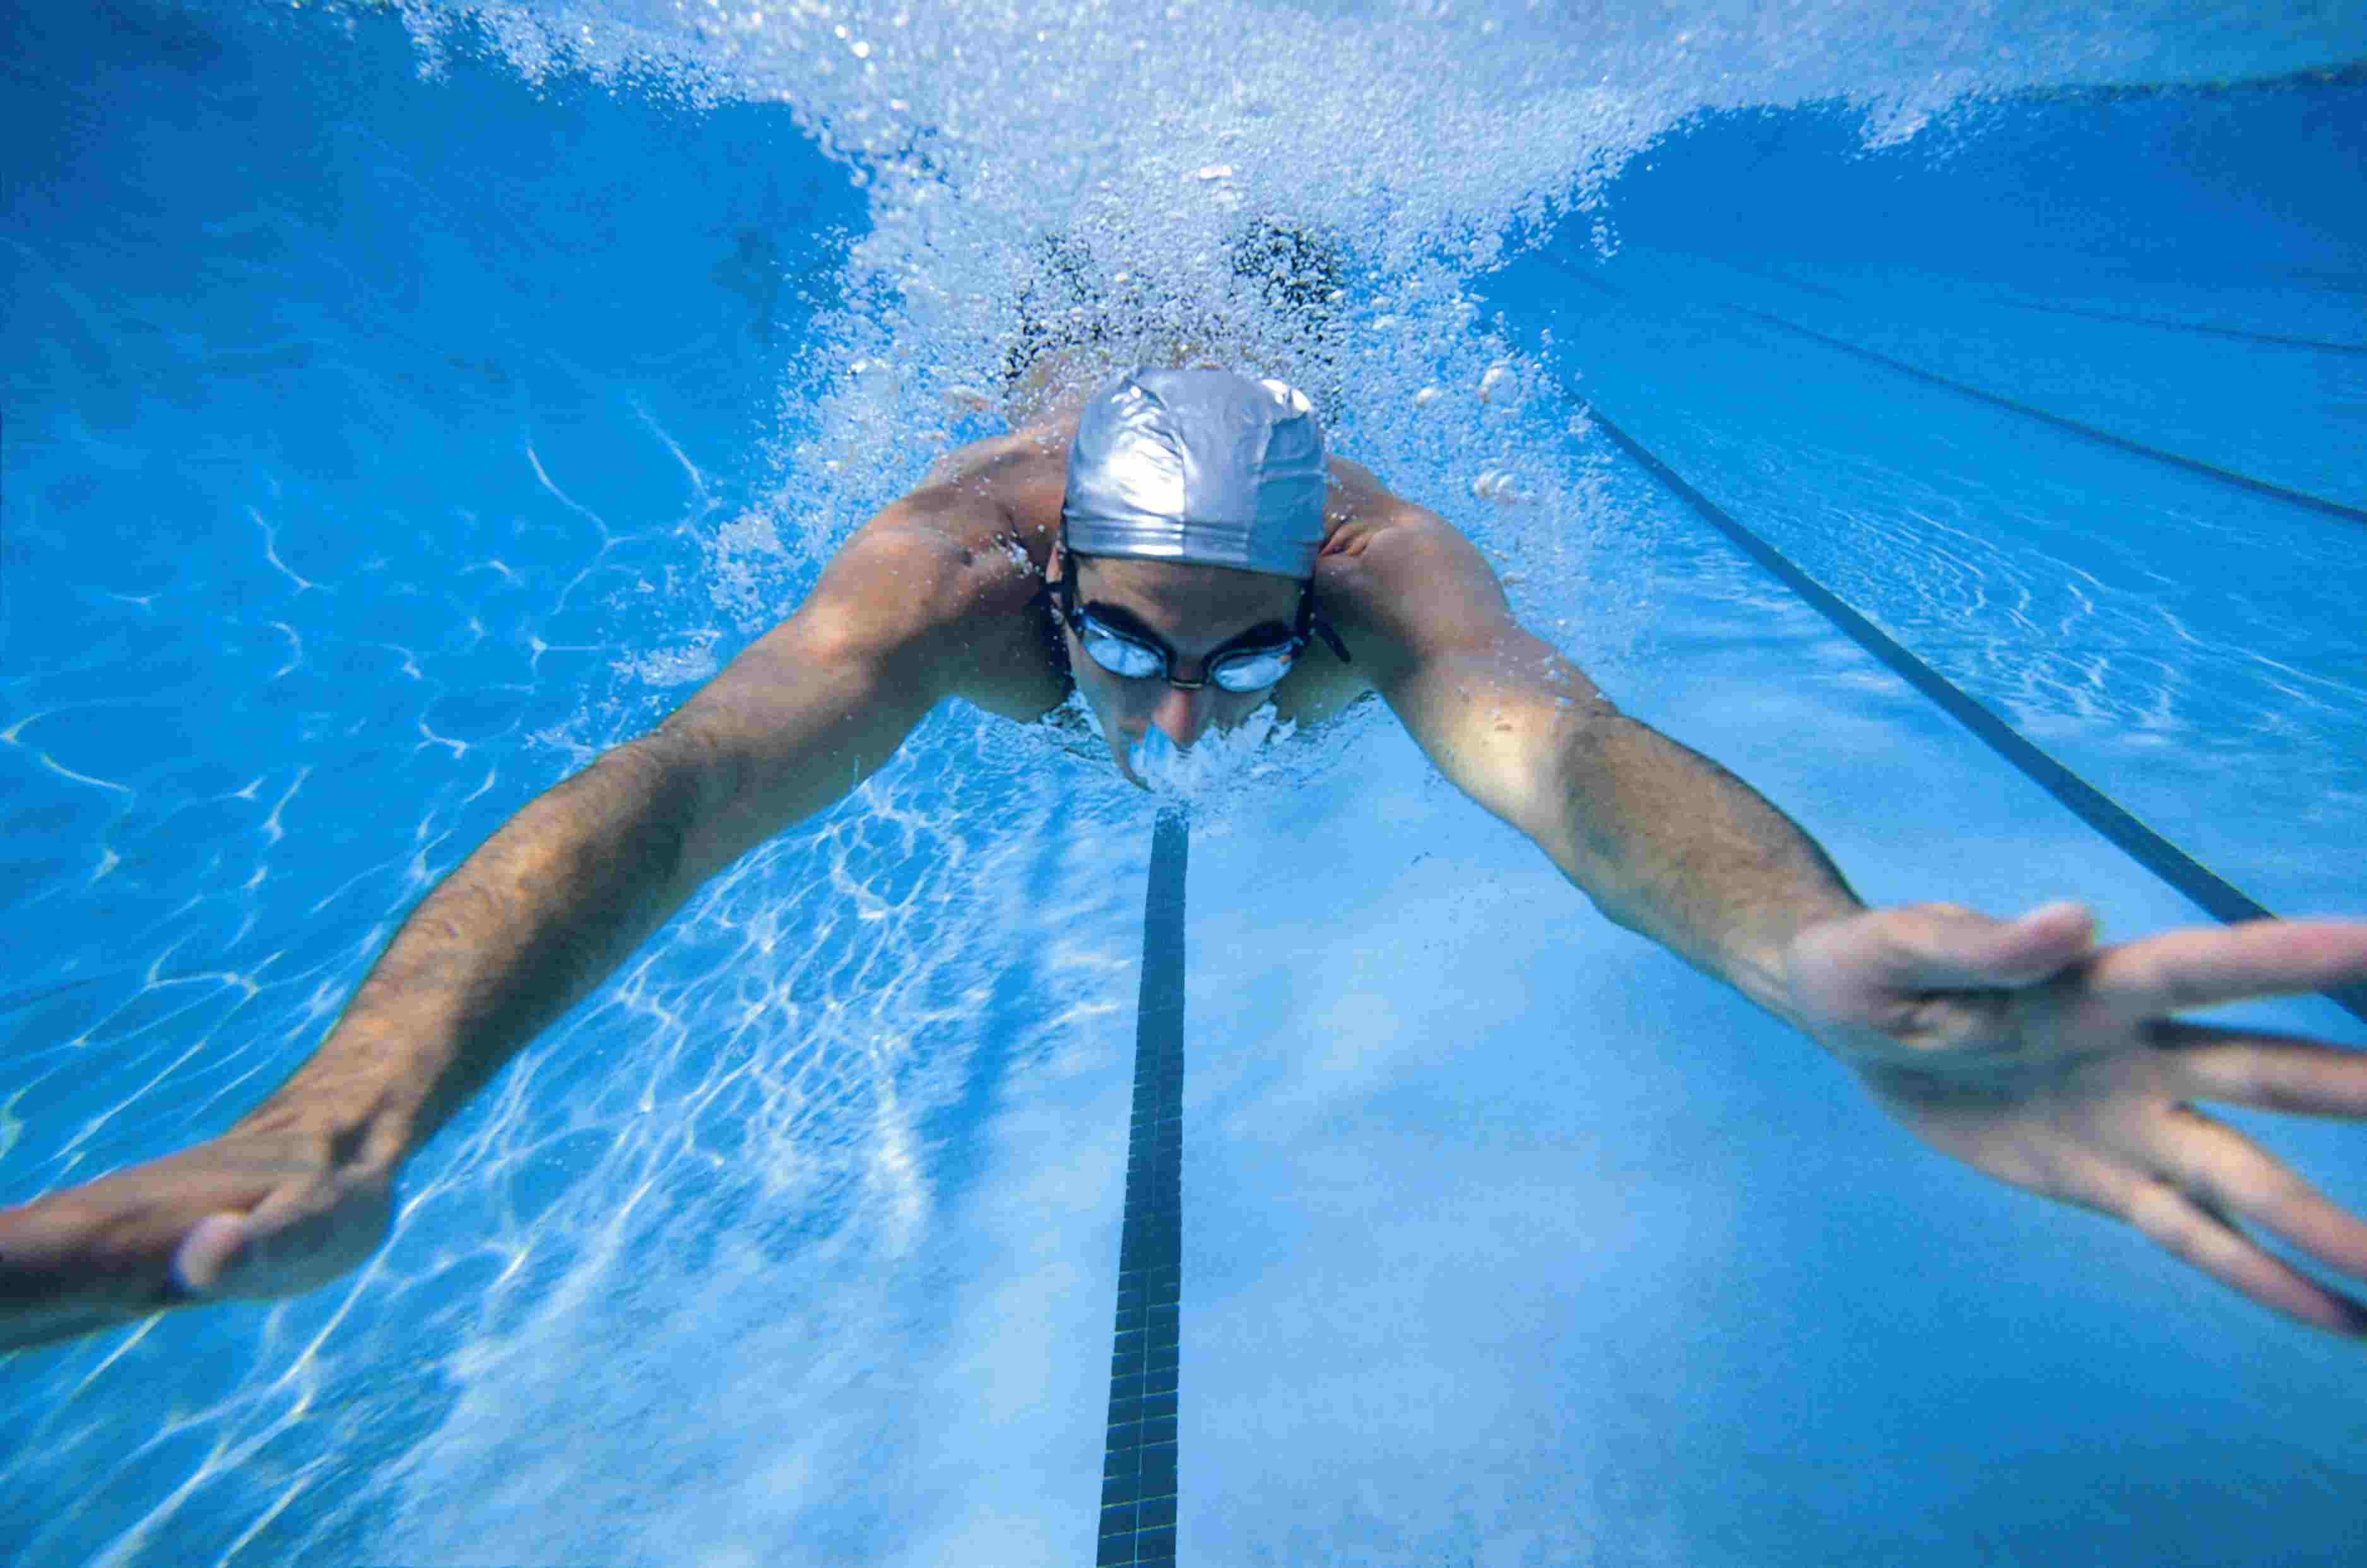 Занятие спортом в бассейне